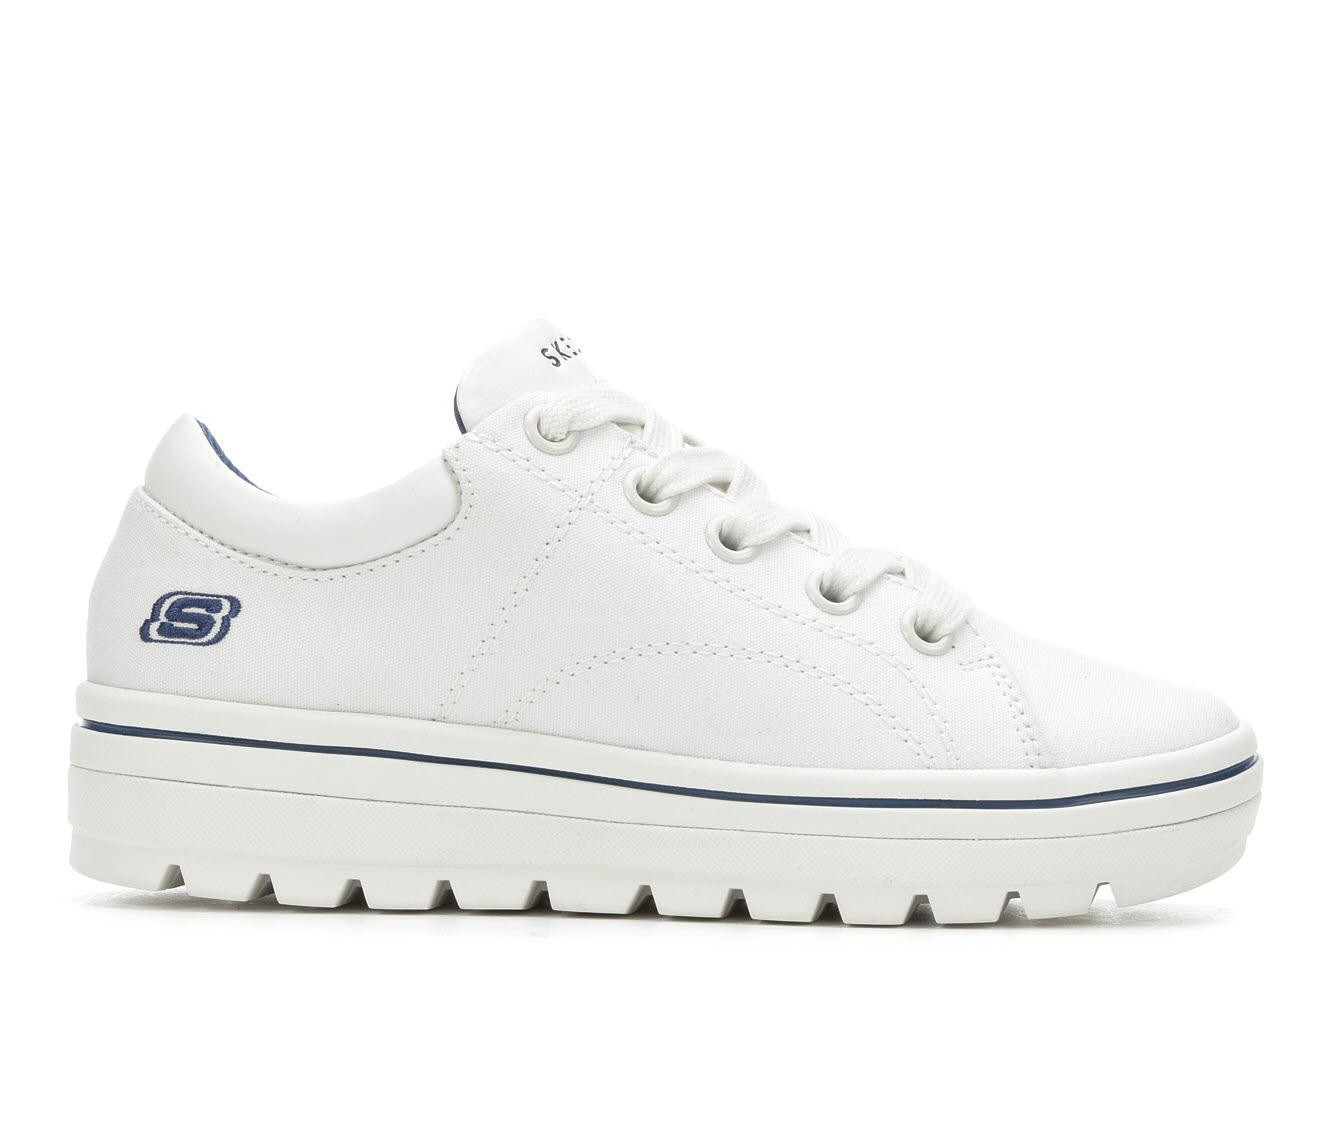 Skechers Street Bring It Back 74100 Women's Shoe (White Leather)